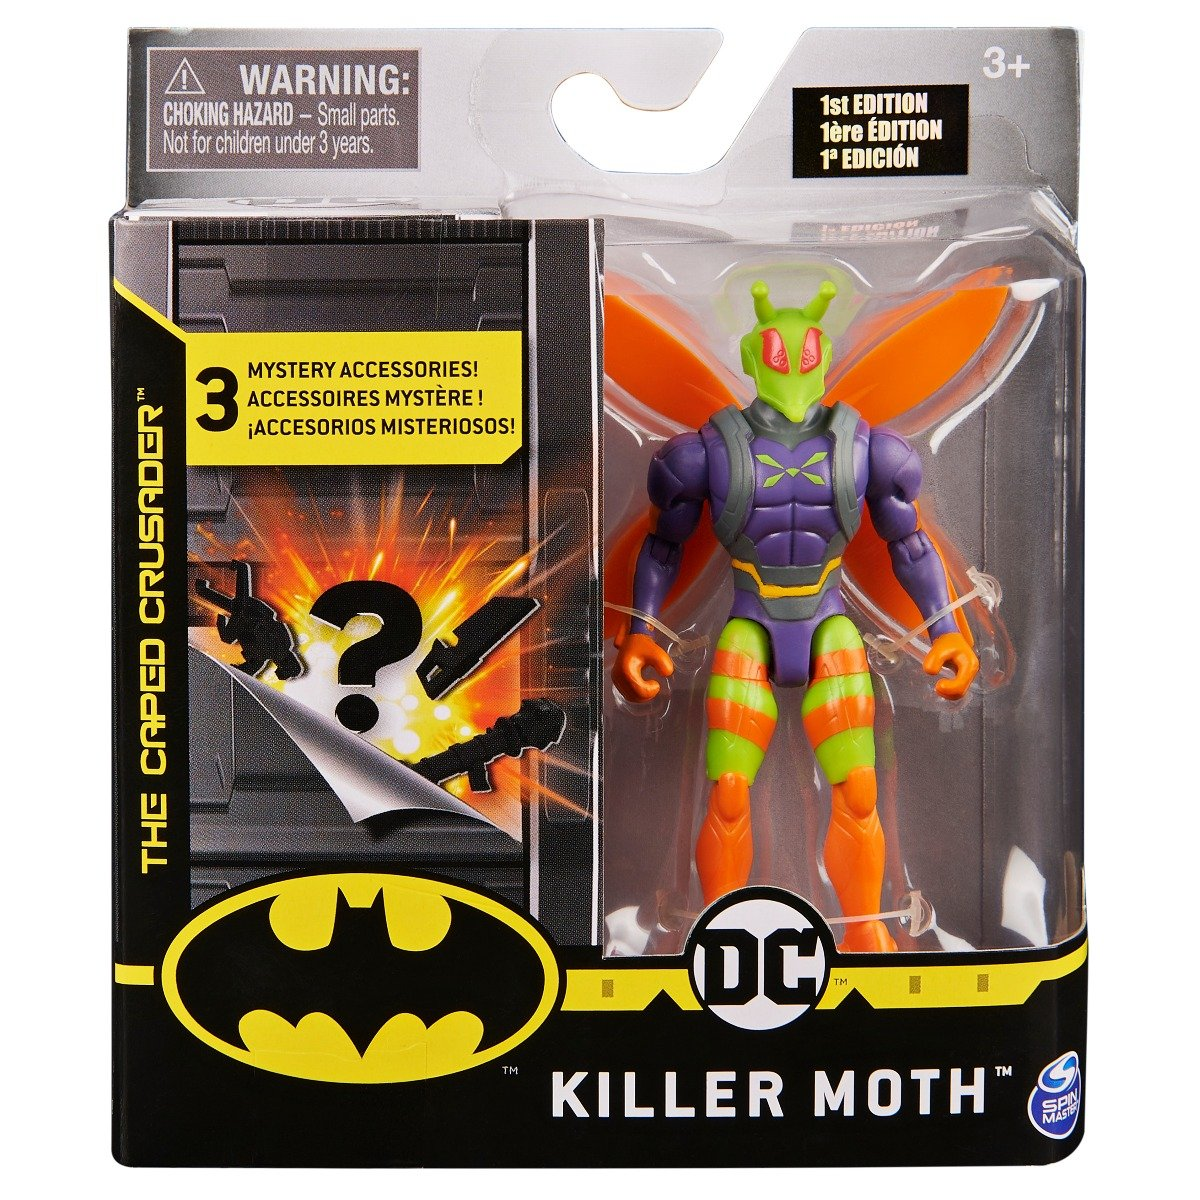 Set Figurina cu accesorii surpriza Batman, Killer Moth 20124538